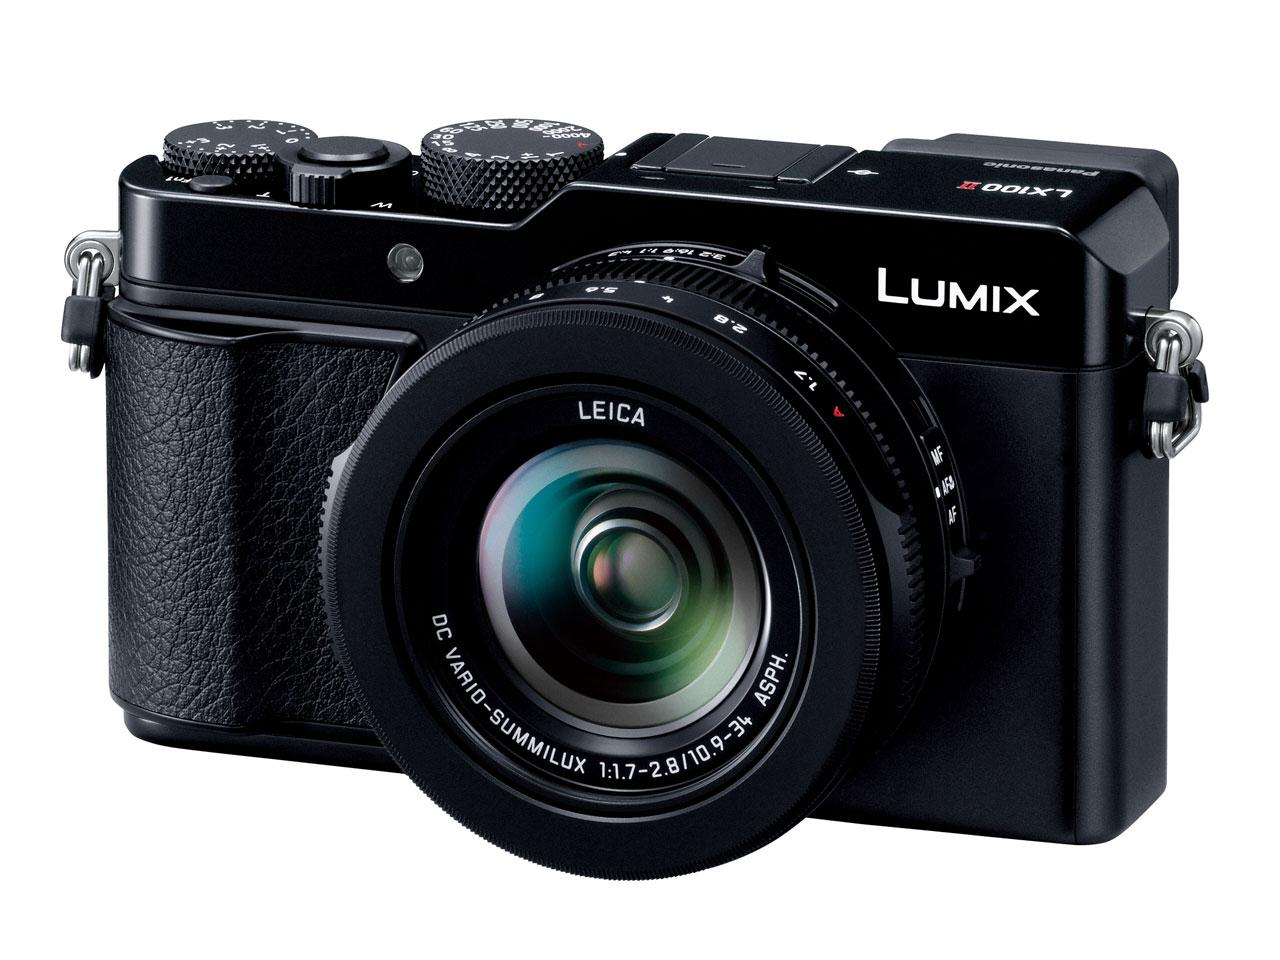 『本体 正面1』 LUMIX DC-LX100M2 の製品画像